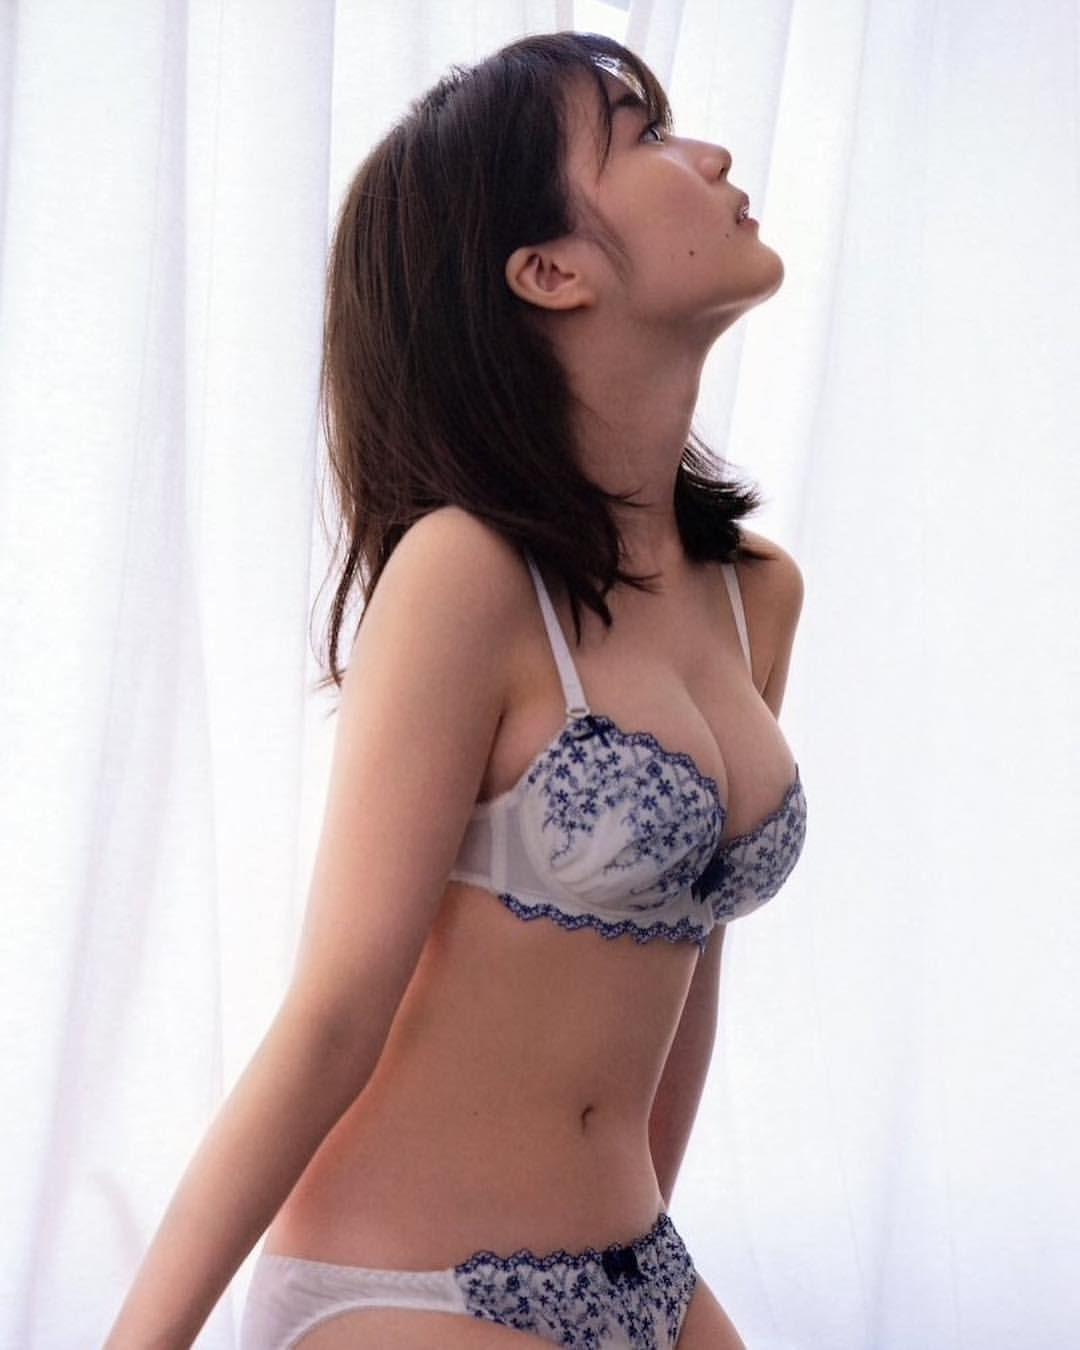 生田絵梨花 写真集 生田絵梨花写真集「インターミッション」 Twitter動画まとめ